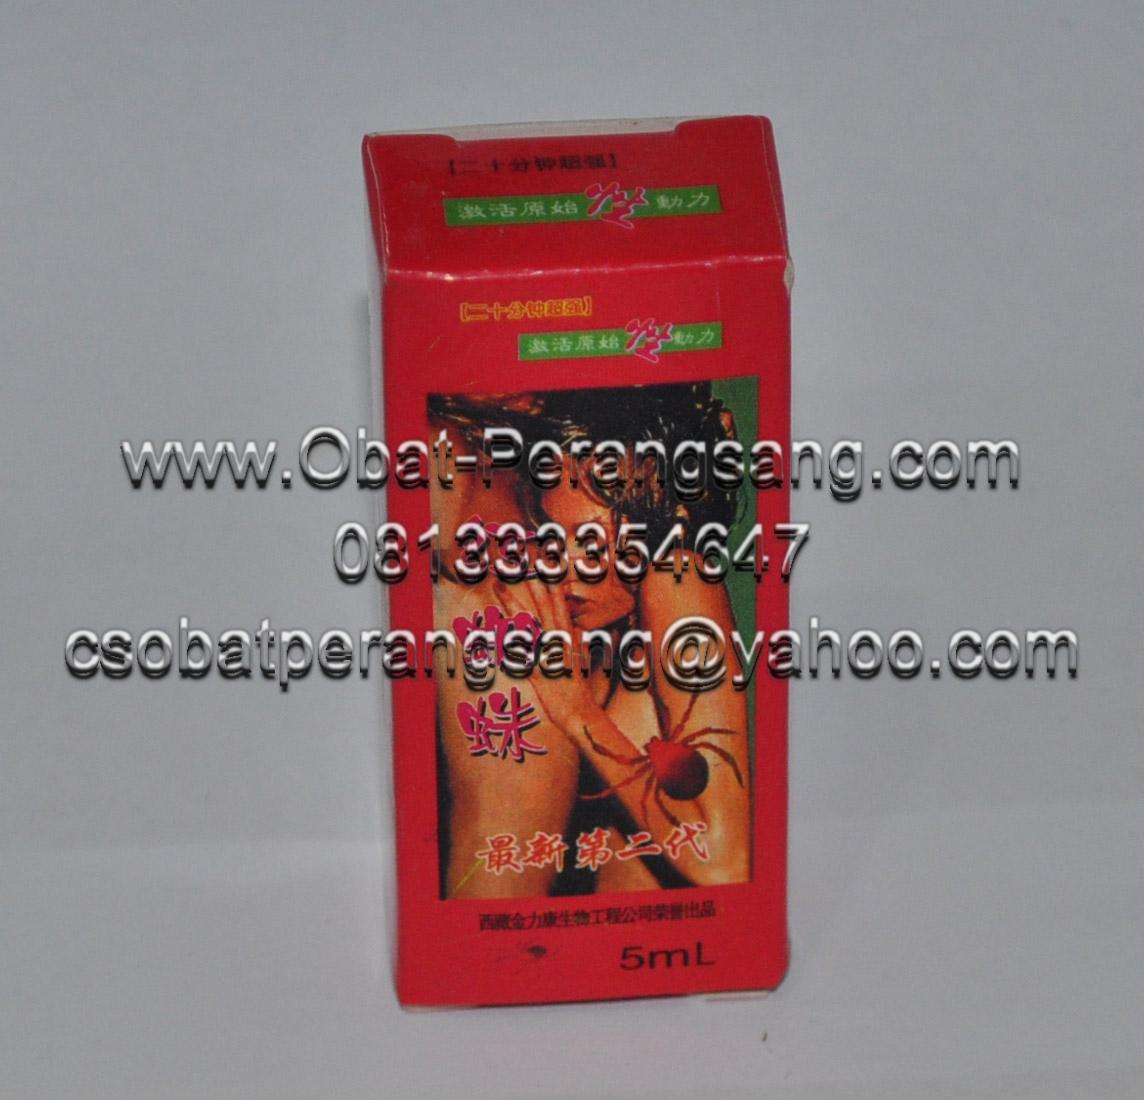 nany kosmetik red spider ramuan obat perangsang wanita dari sari